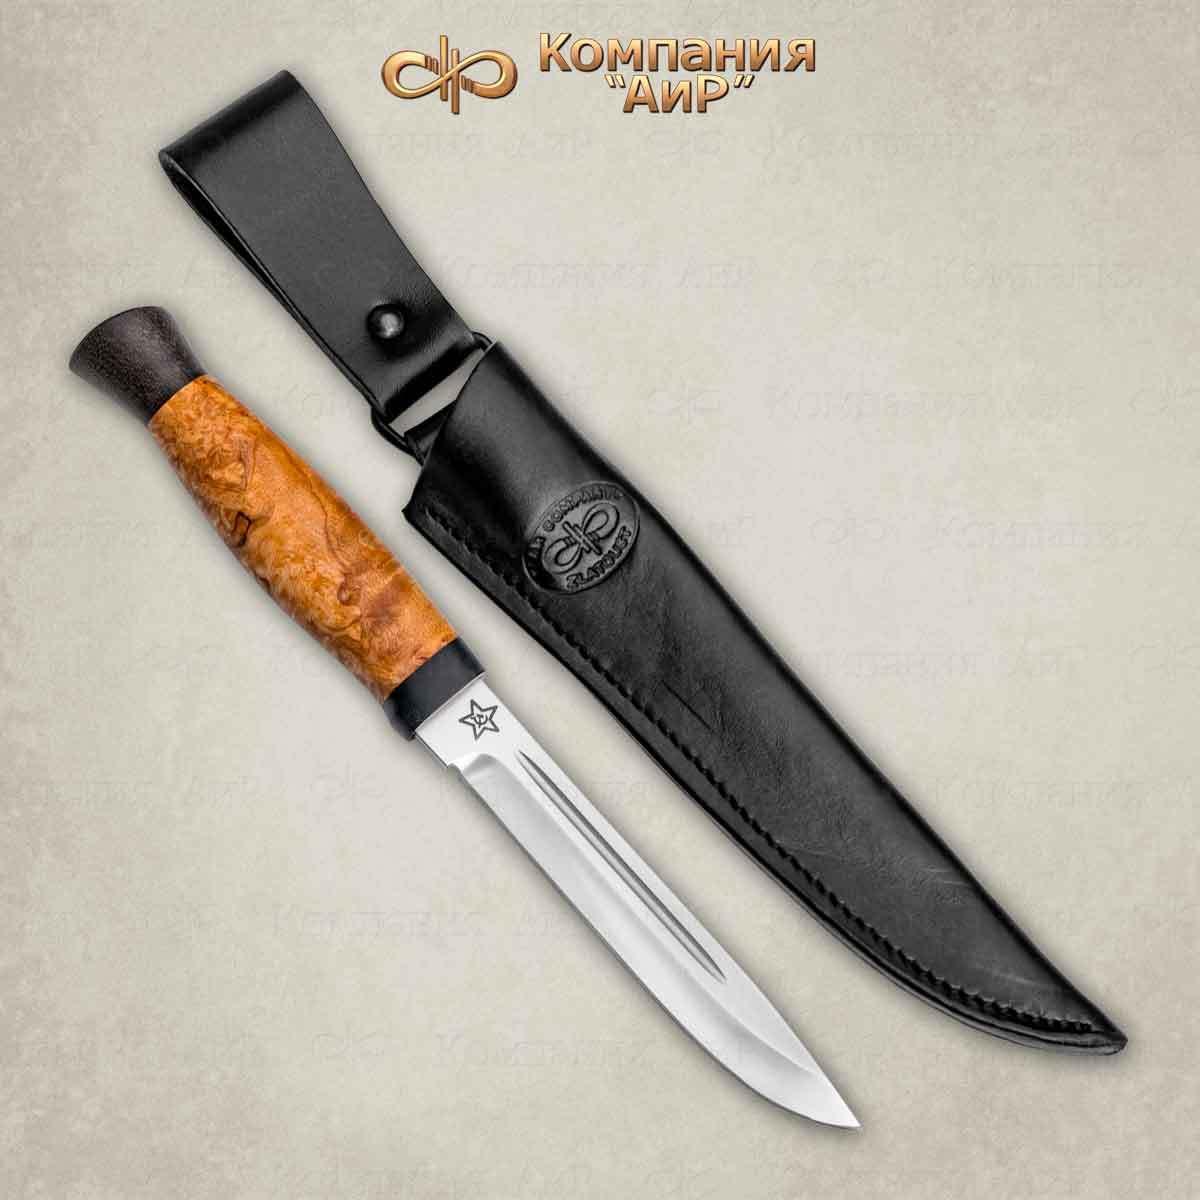 Нож разделочный АиР Финка-3, сталь 110х18 М-ШД, рукоять карельская береза нож бекас карельская береза 110х18 м шд